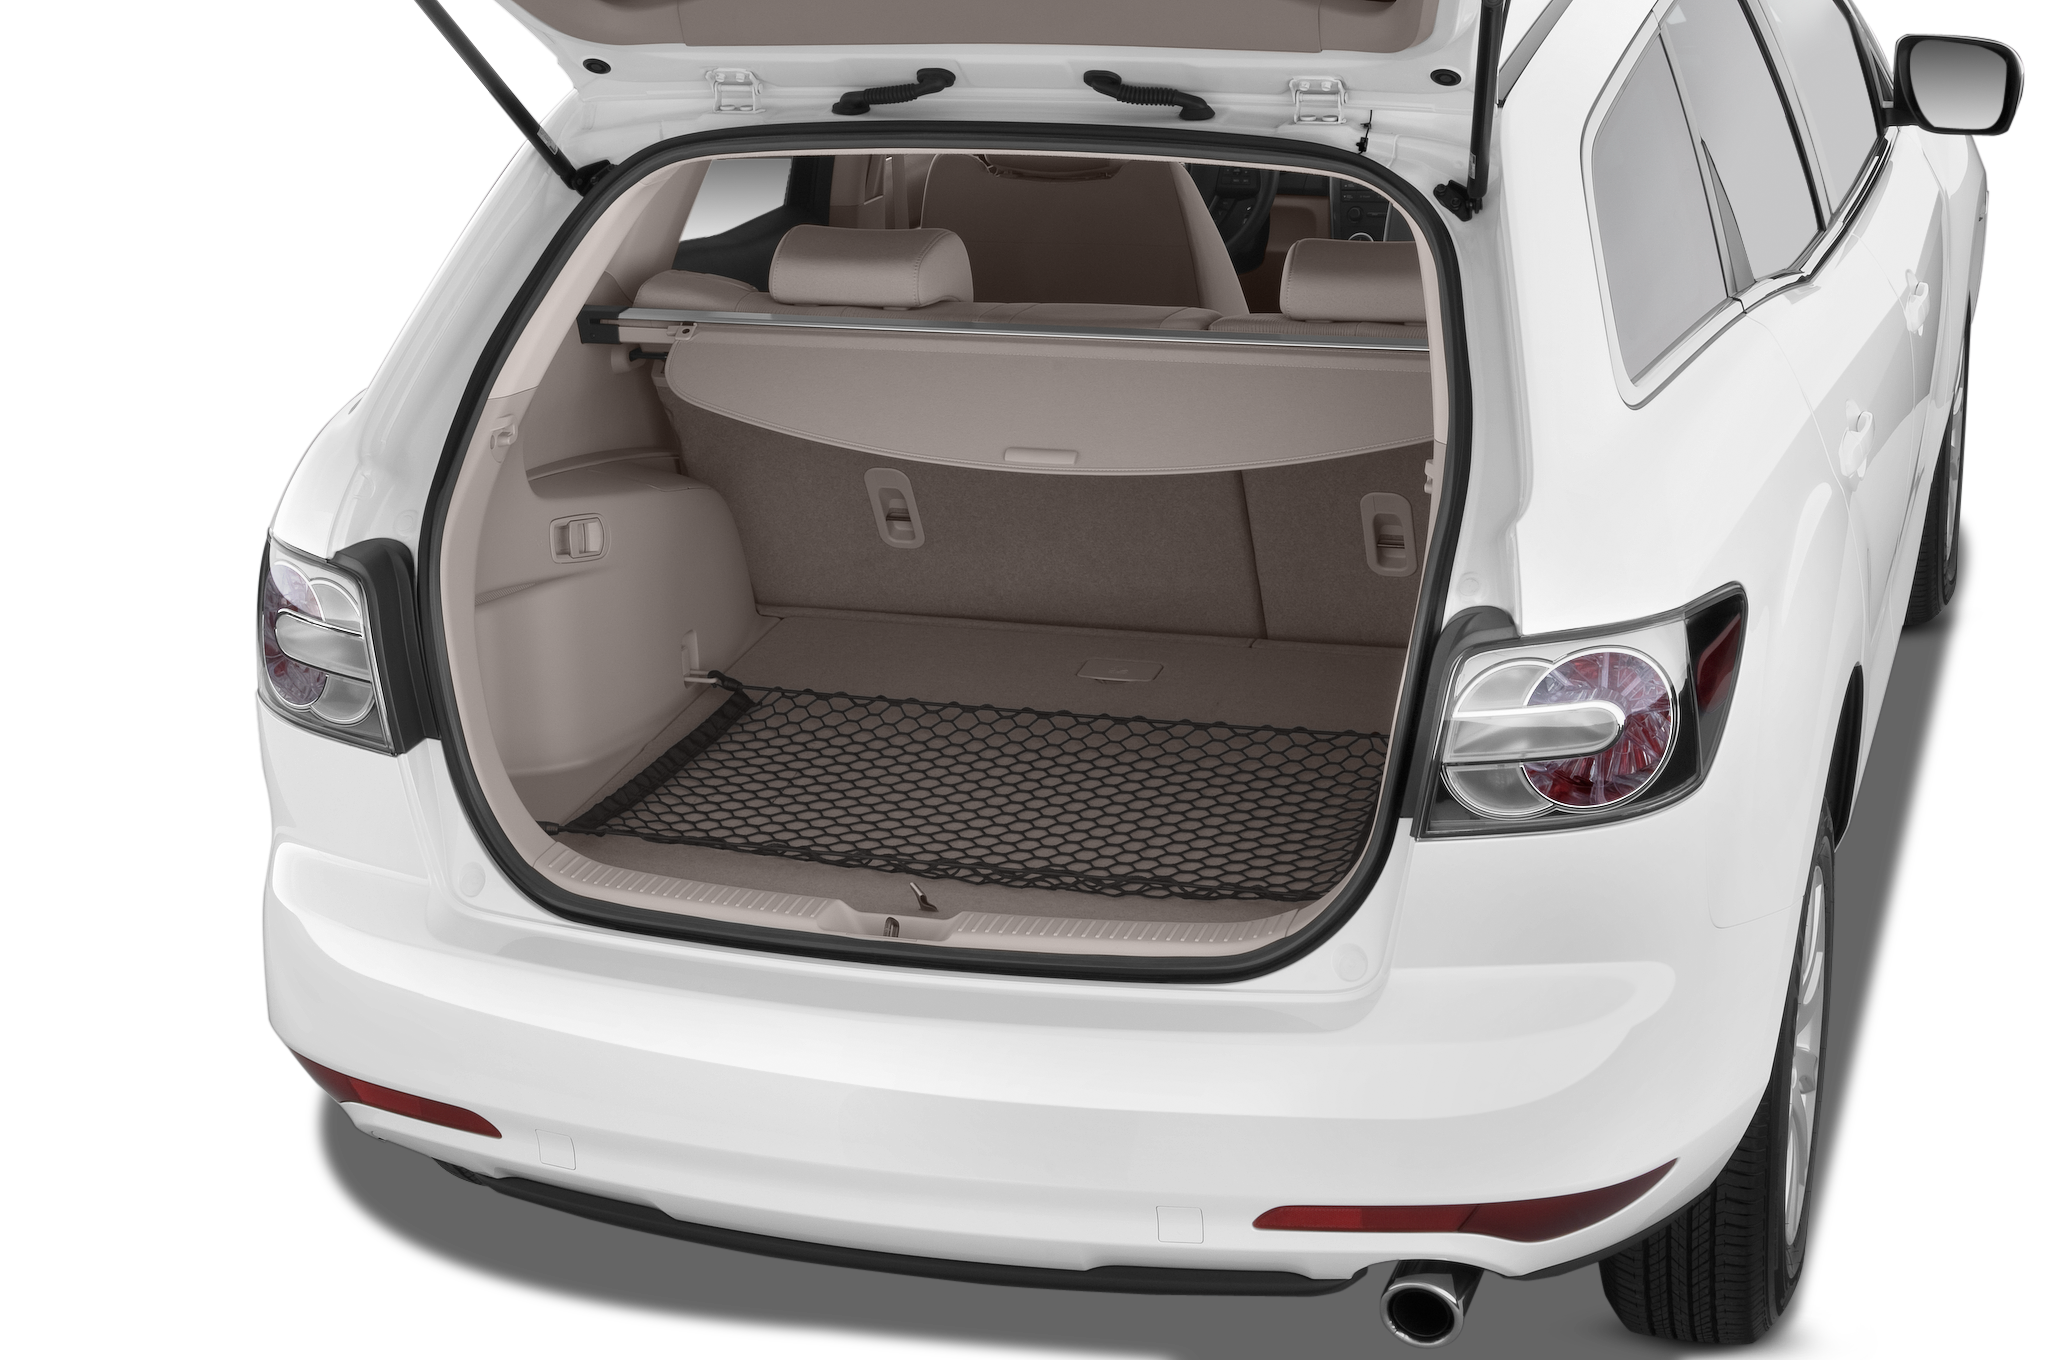 Mazda Cx 7 Interior Dimensions Www Indiepedia Org